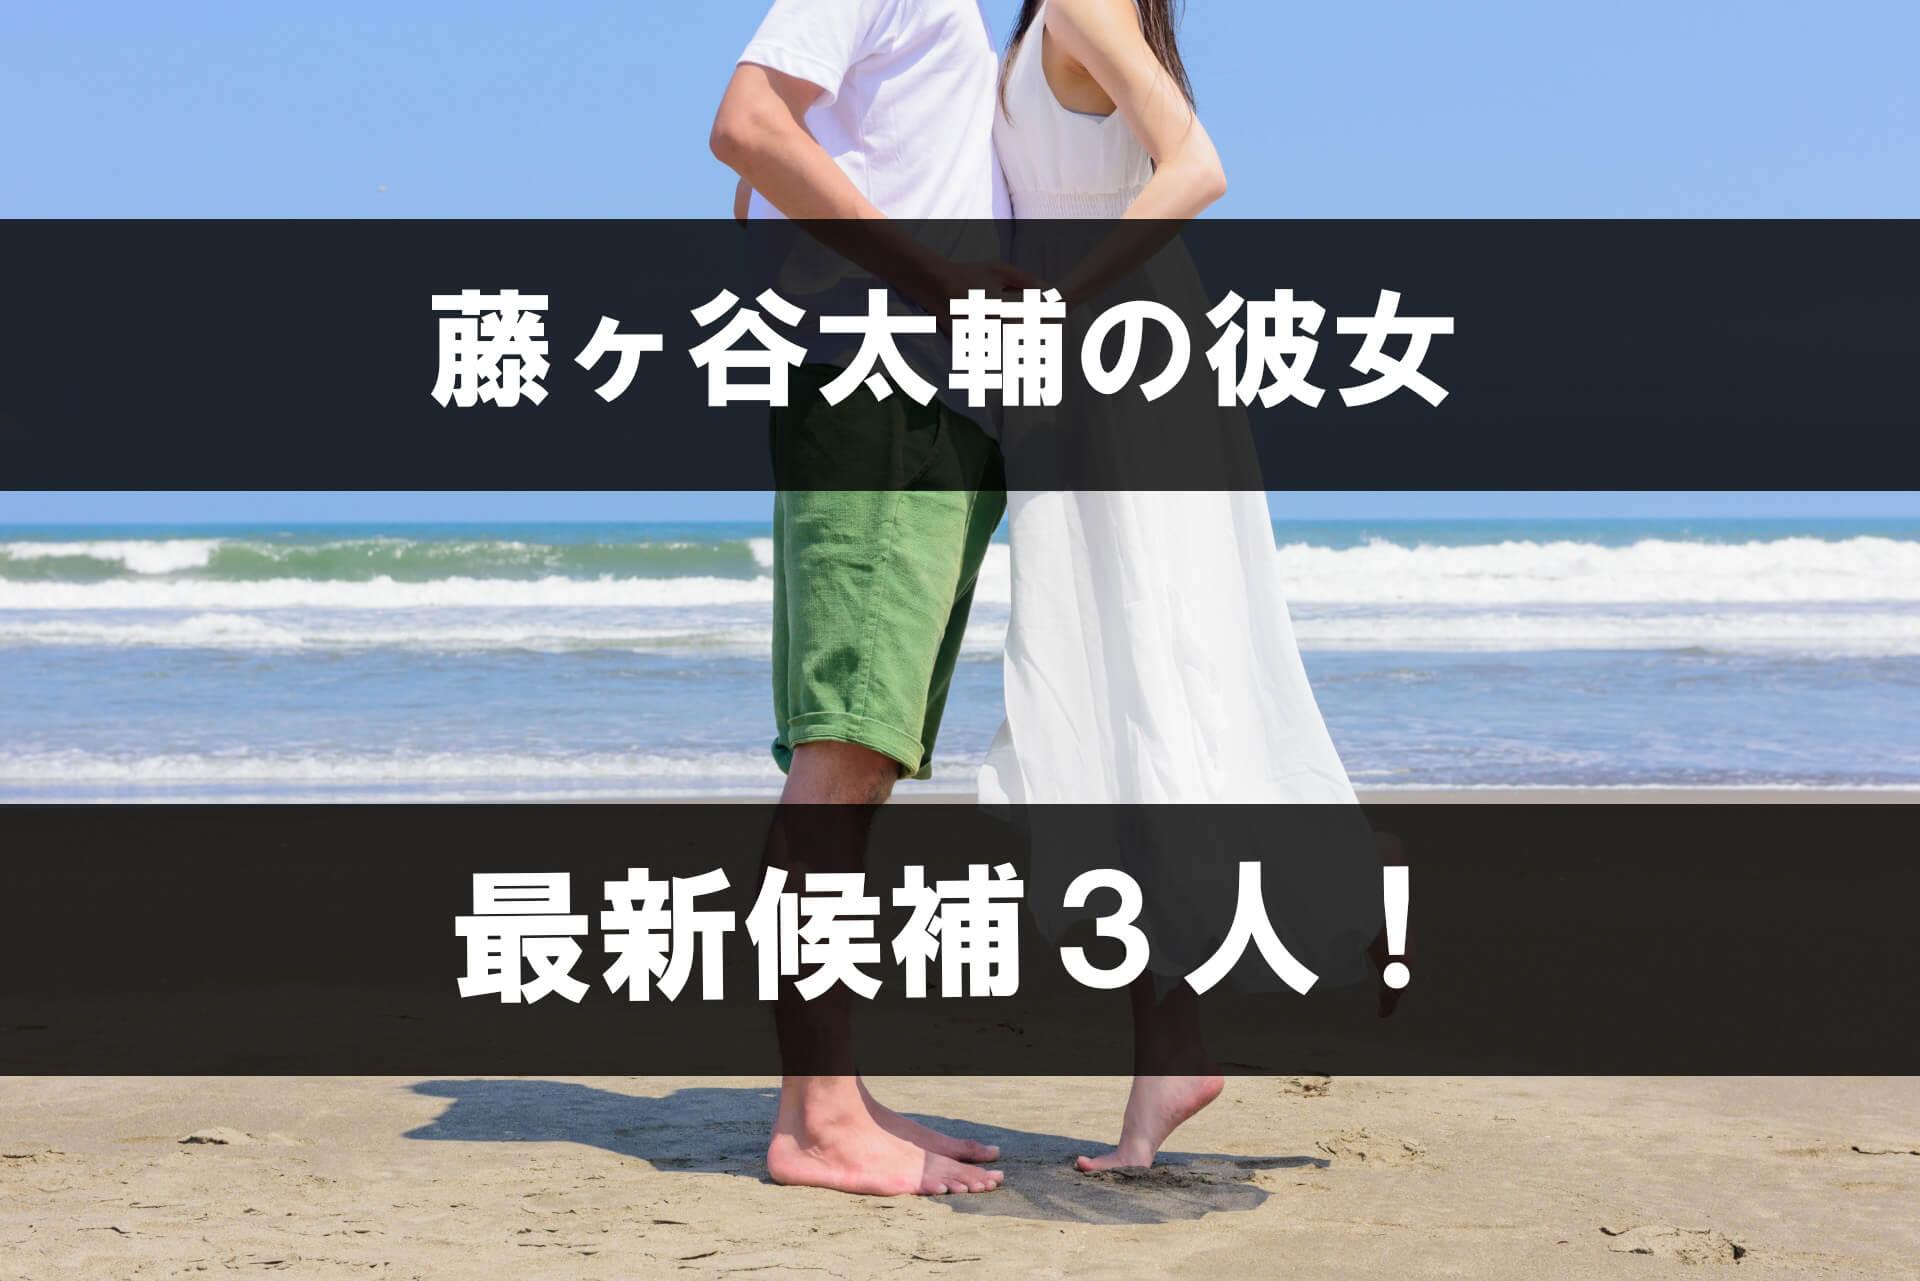 藤ヶ谷太輔,彼女,最新情報,瀧本美織,滝沢ゆき